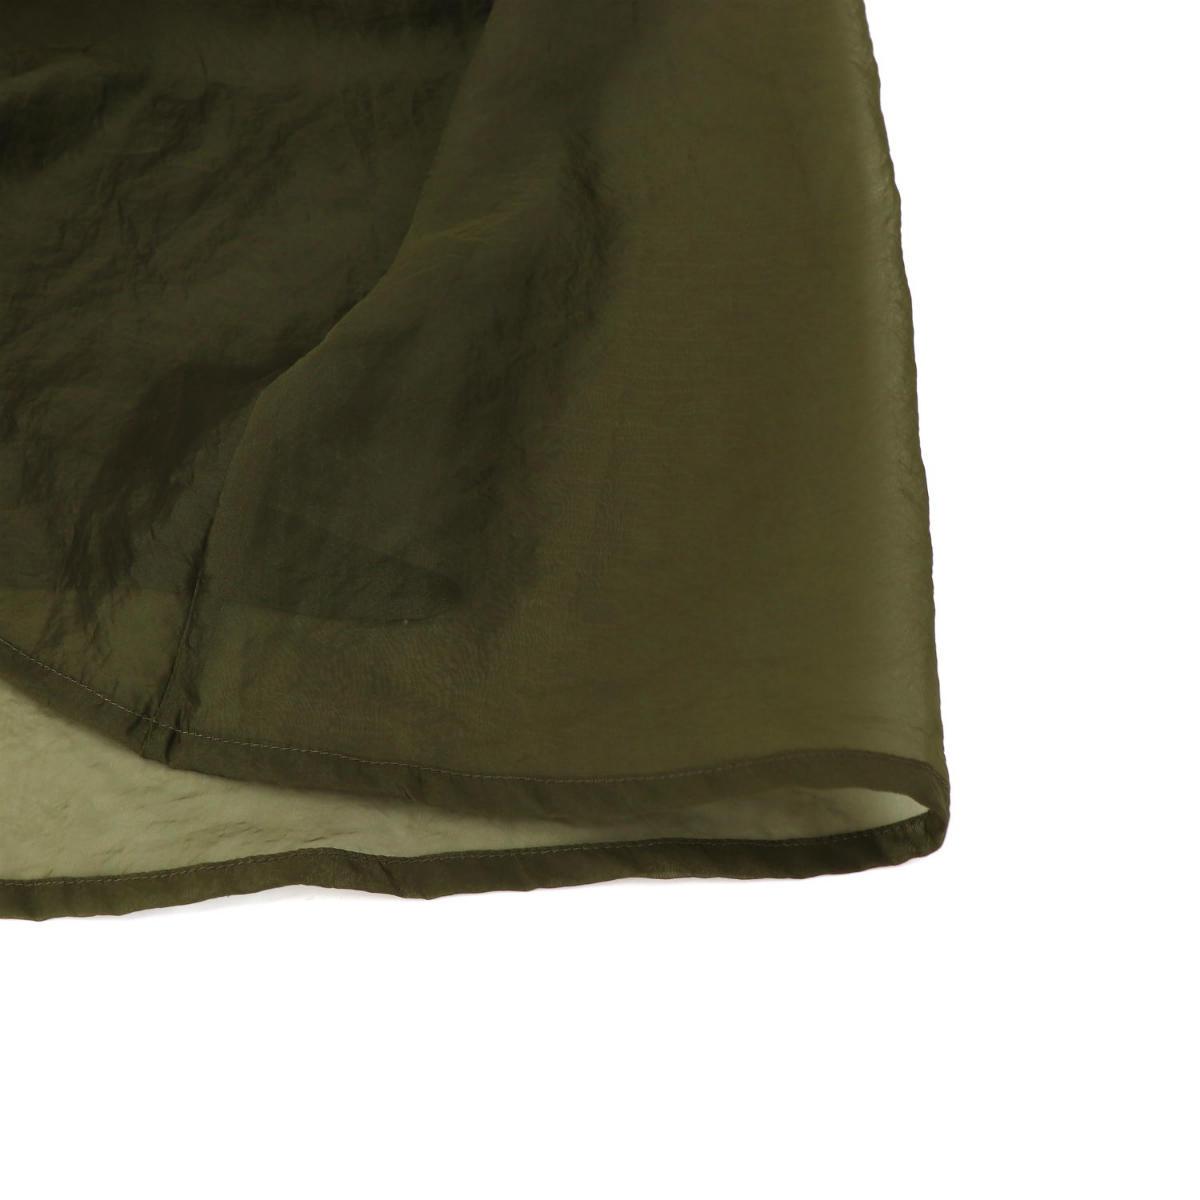 アッパーハイツ upper hights レディース オーガンジータックスカート DAY upper hights デイ アッパーハイツ Annie 213DP026 UPH(カーキ) 秋冬新作